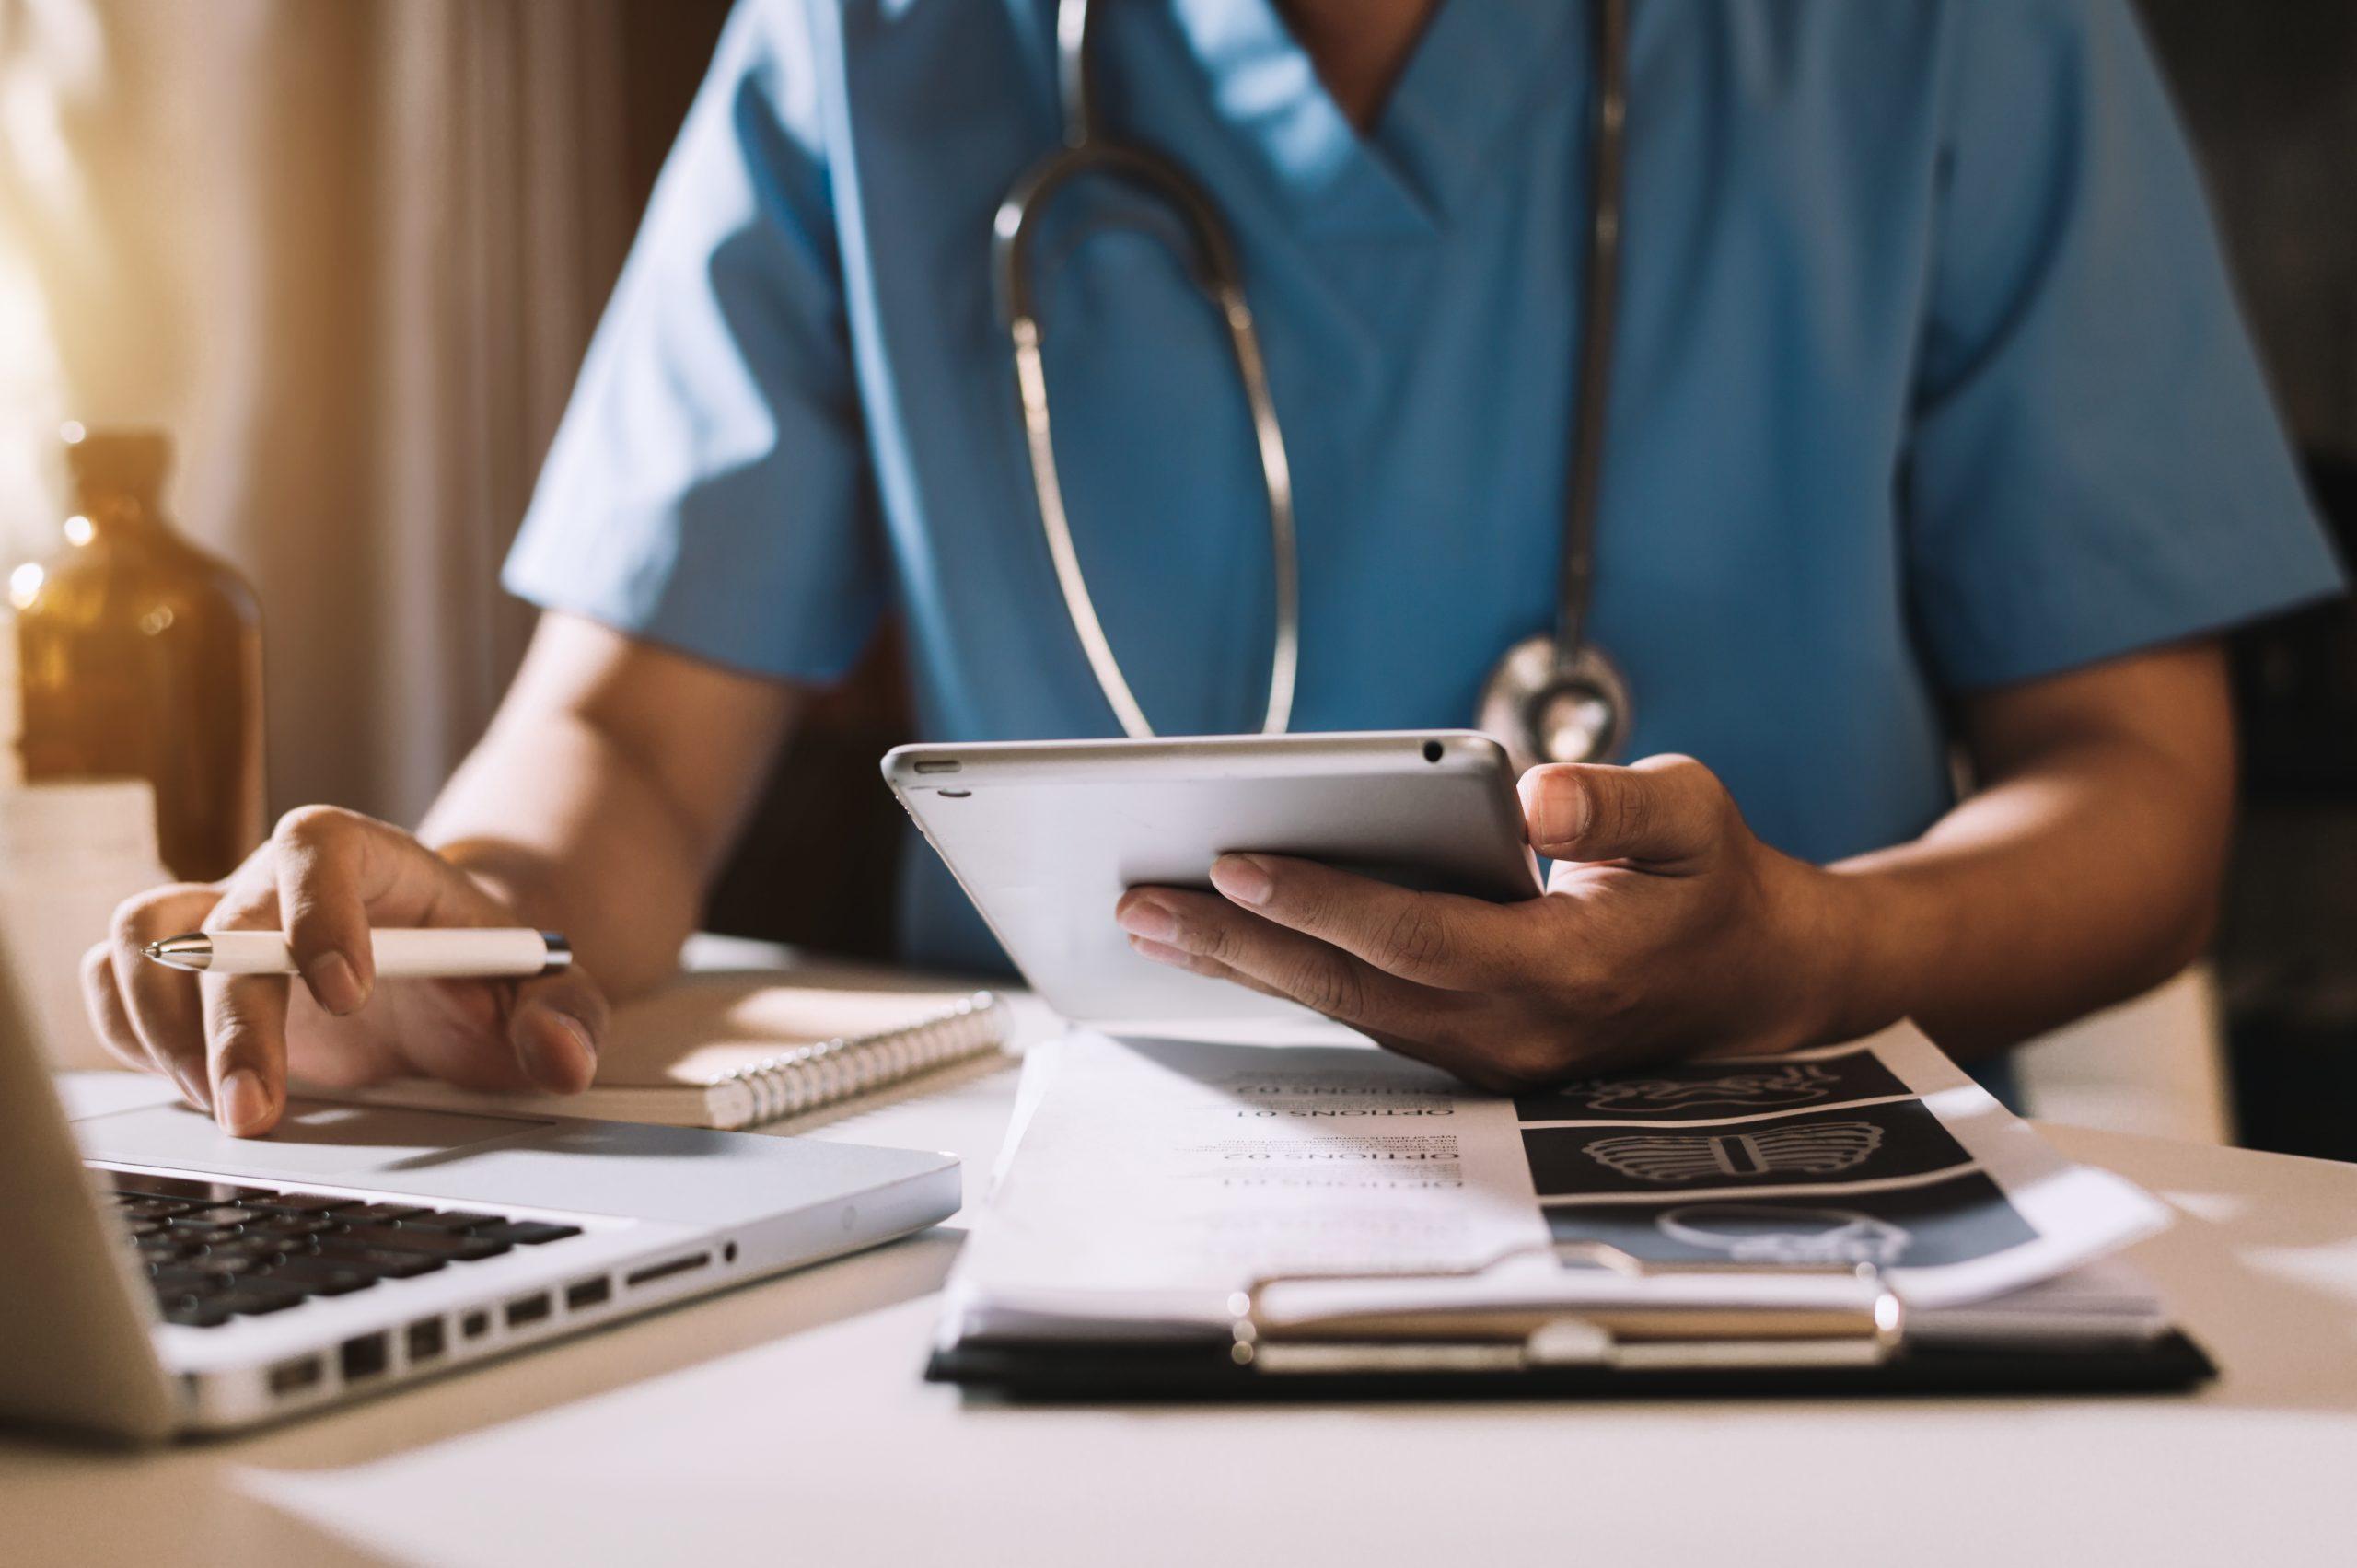 Τεχνολογία υγειονομική περίθαλψη: Πώς διαμορφώνεται το μέλλον της τηλεϊατρικής